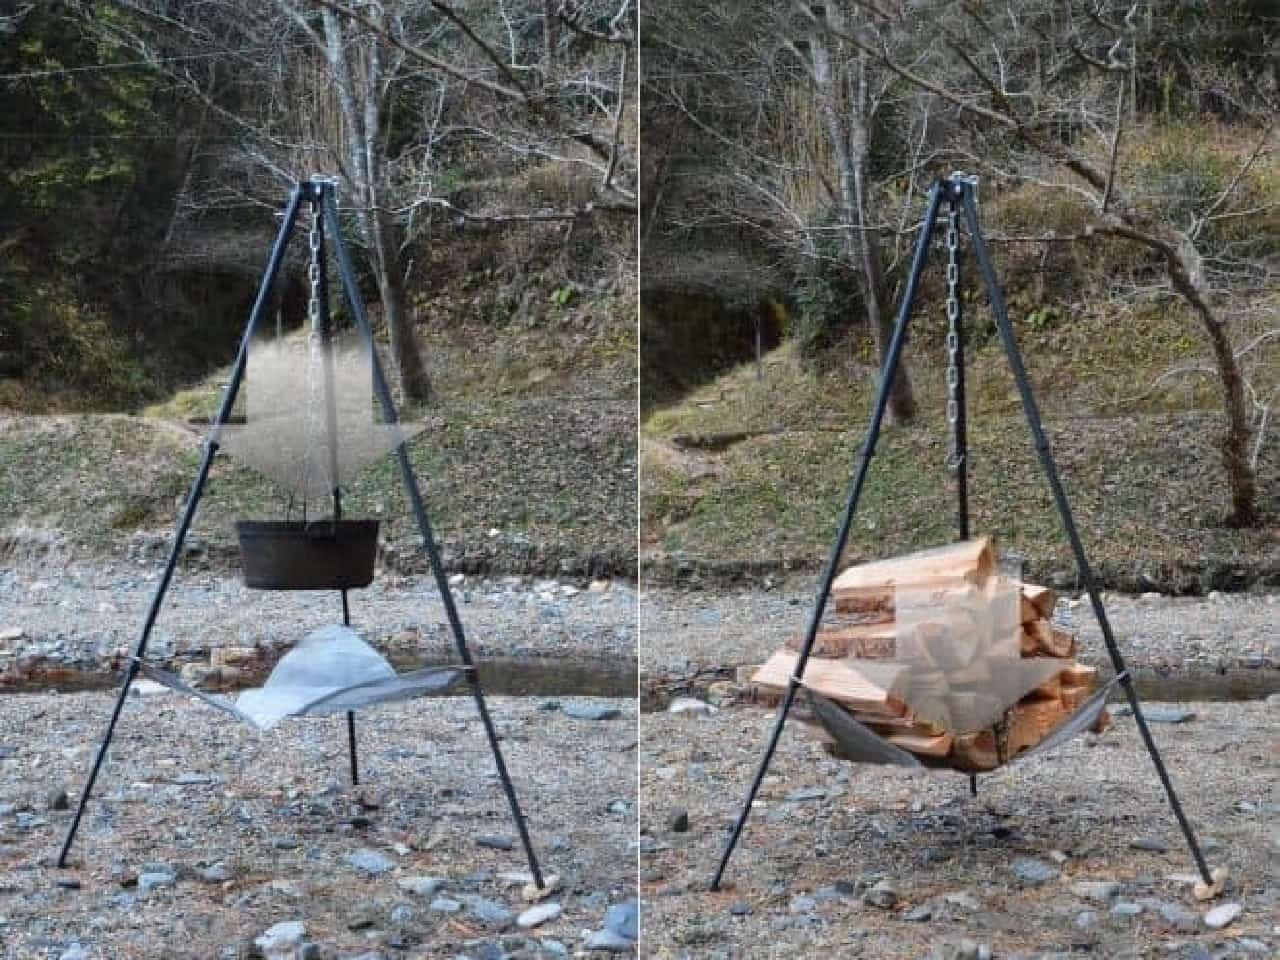 静止耐荷重量20kgのトライポッド「ビッグファイアクレードル」